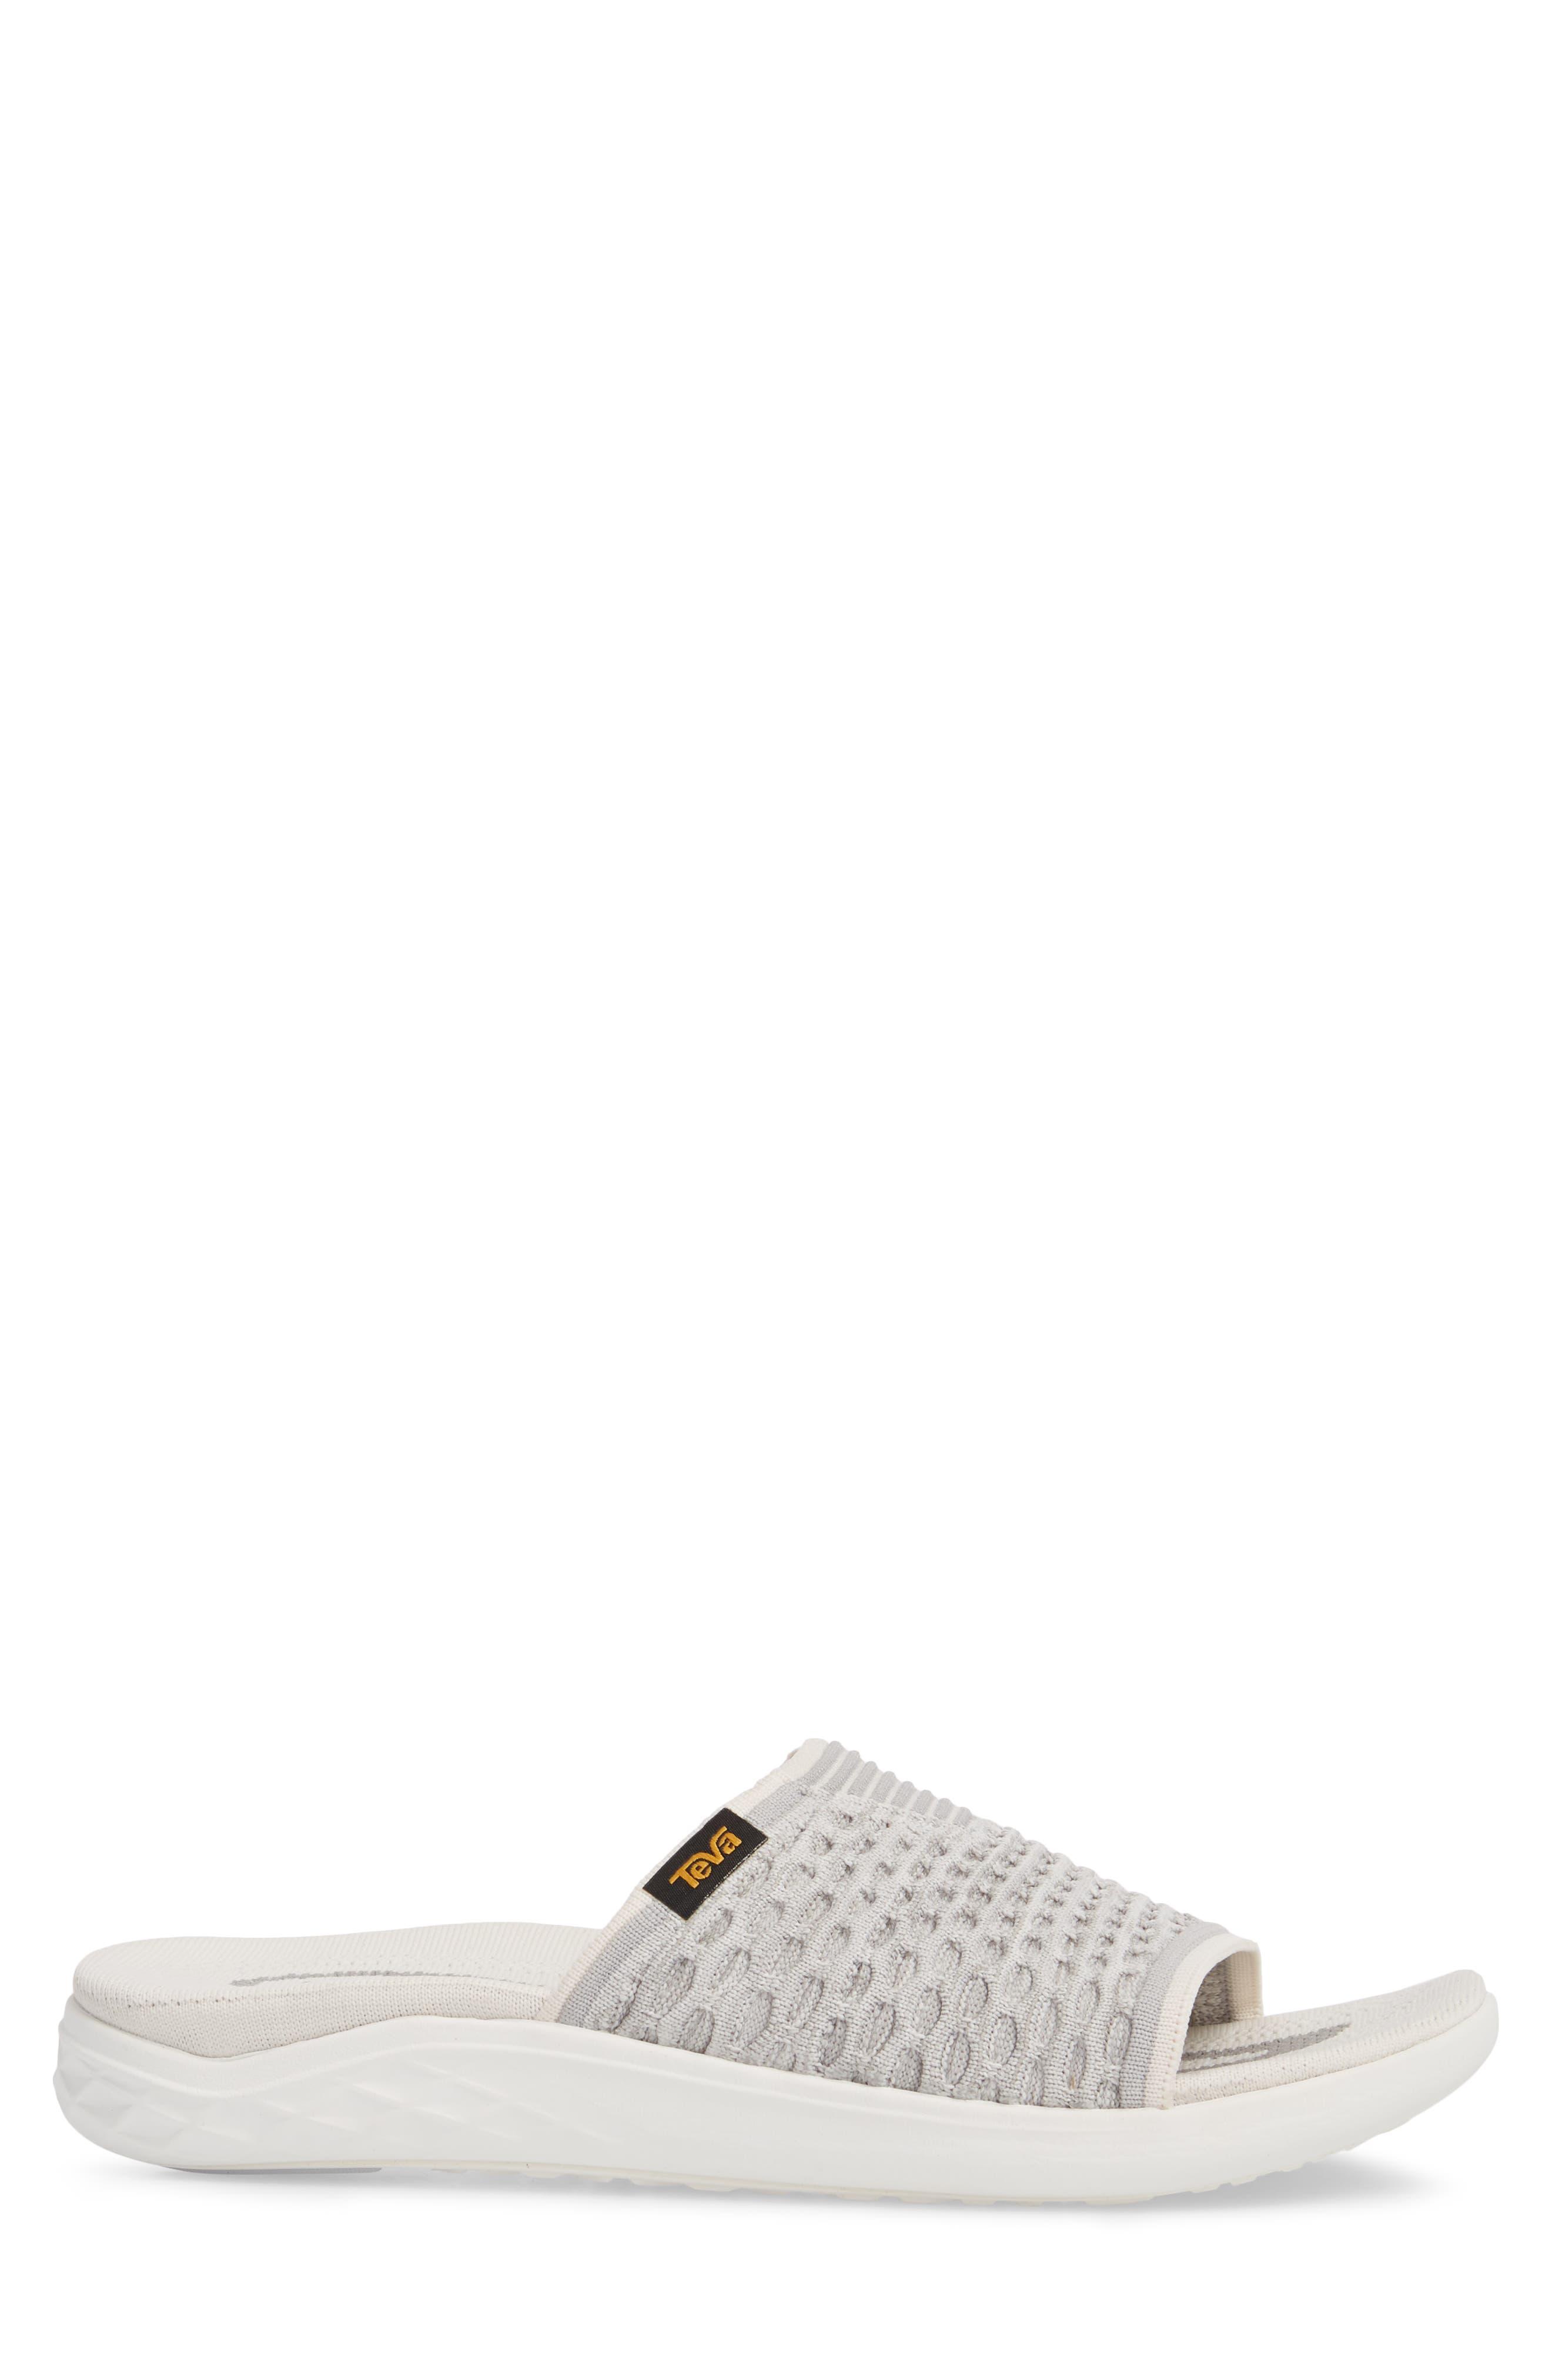 Terra-Float 2 Knit Slide Sandal,                             Alternate thumbnail 3, color,                             Bright White